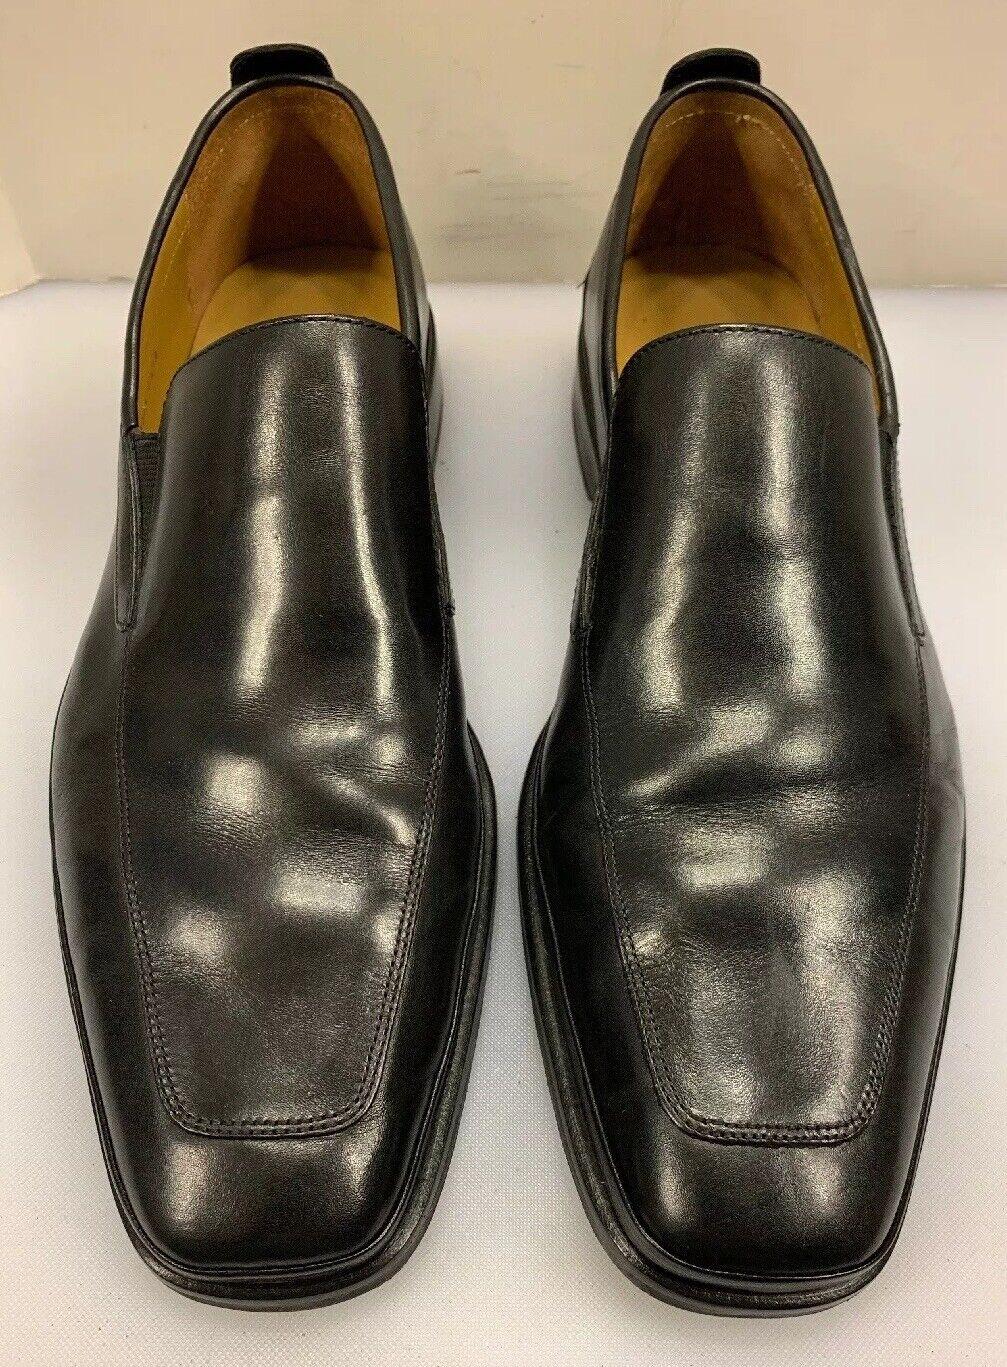 Cole Haan hombres 9.5 M Bradenton 2 antideslizante en mocasines de cuero negro Gore  C08089